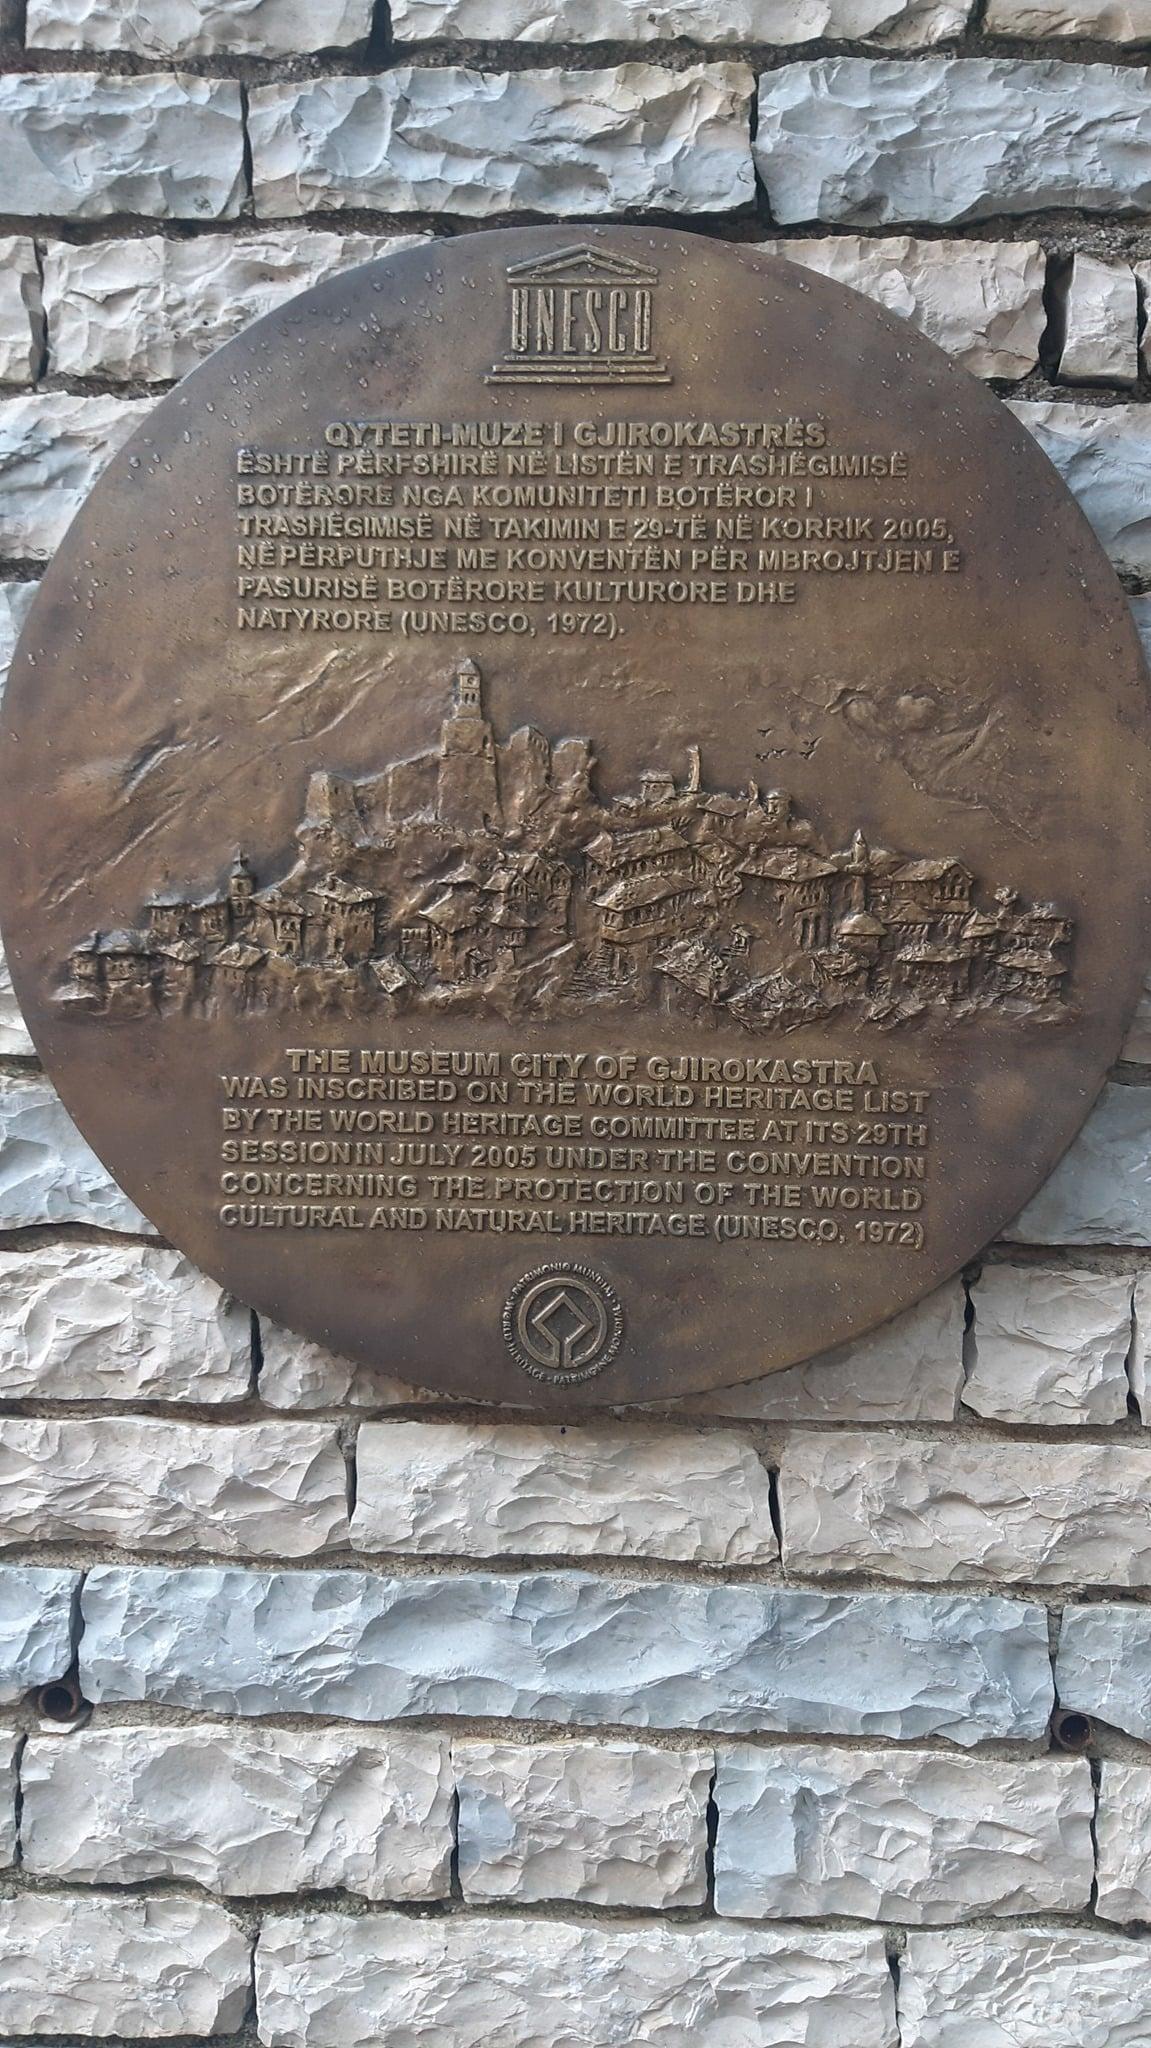 Në murin e Memorialit të UNESCO-s në sheshin e Çerçizit vendoset bazorelievi, vepër e skulptorit Mumtaz Dhrami